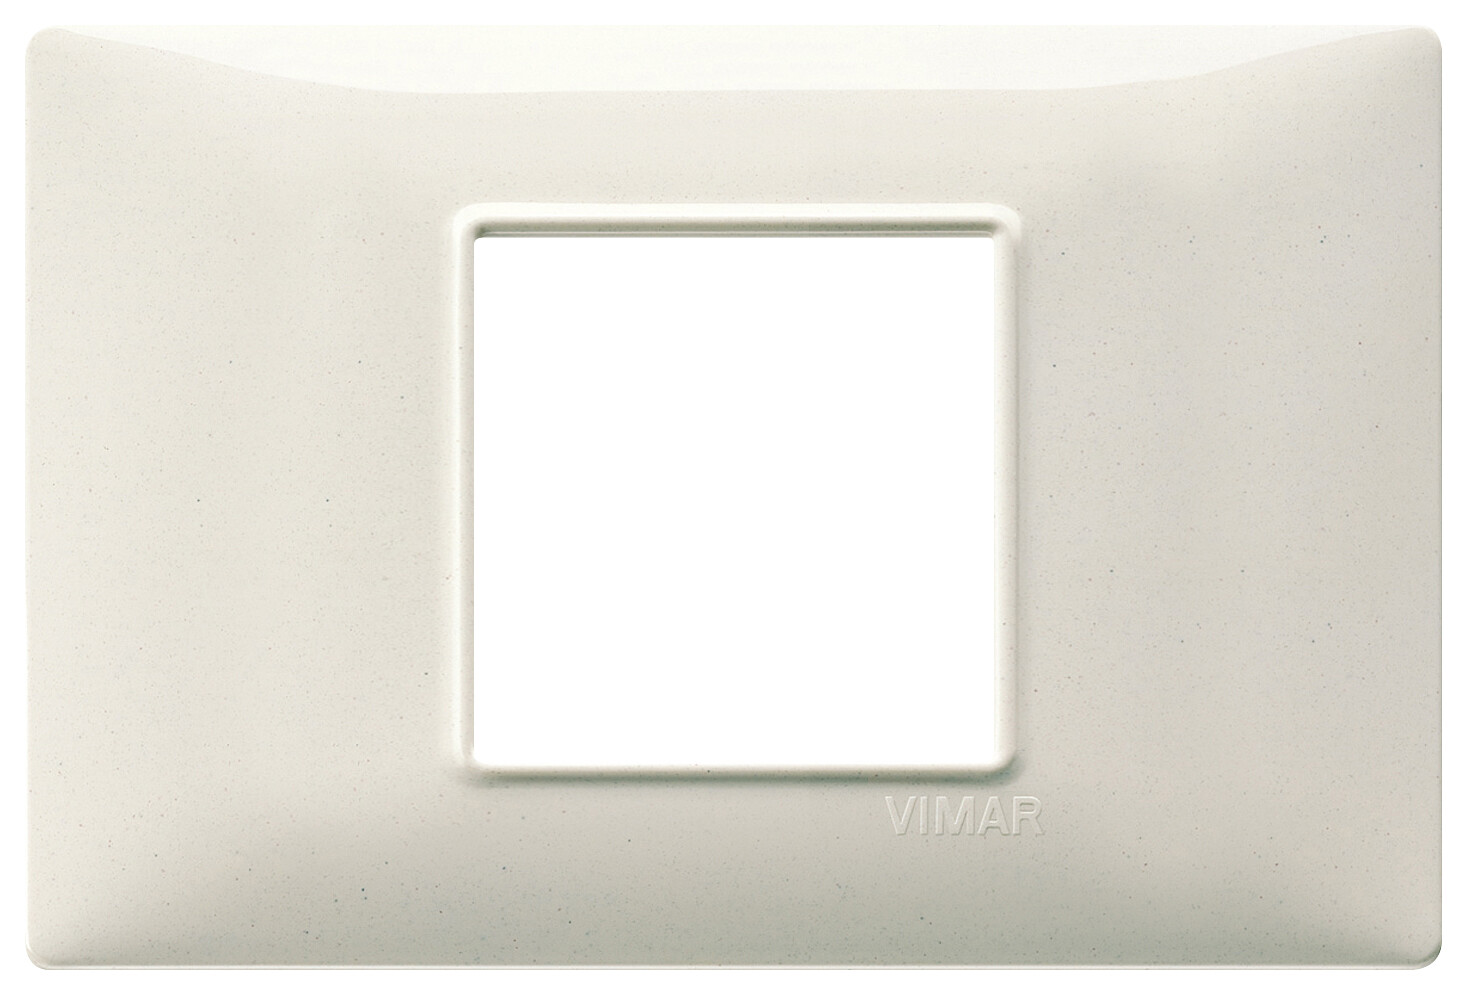 Накладка для 2 модулей центрально белый гранит